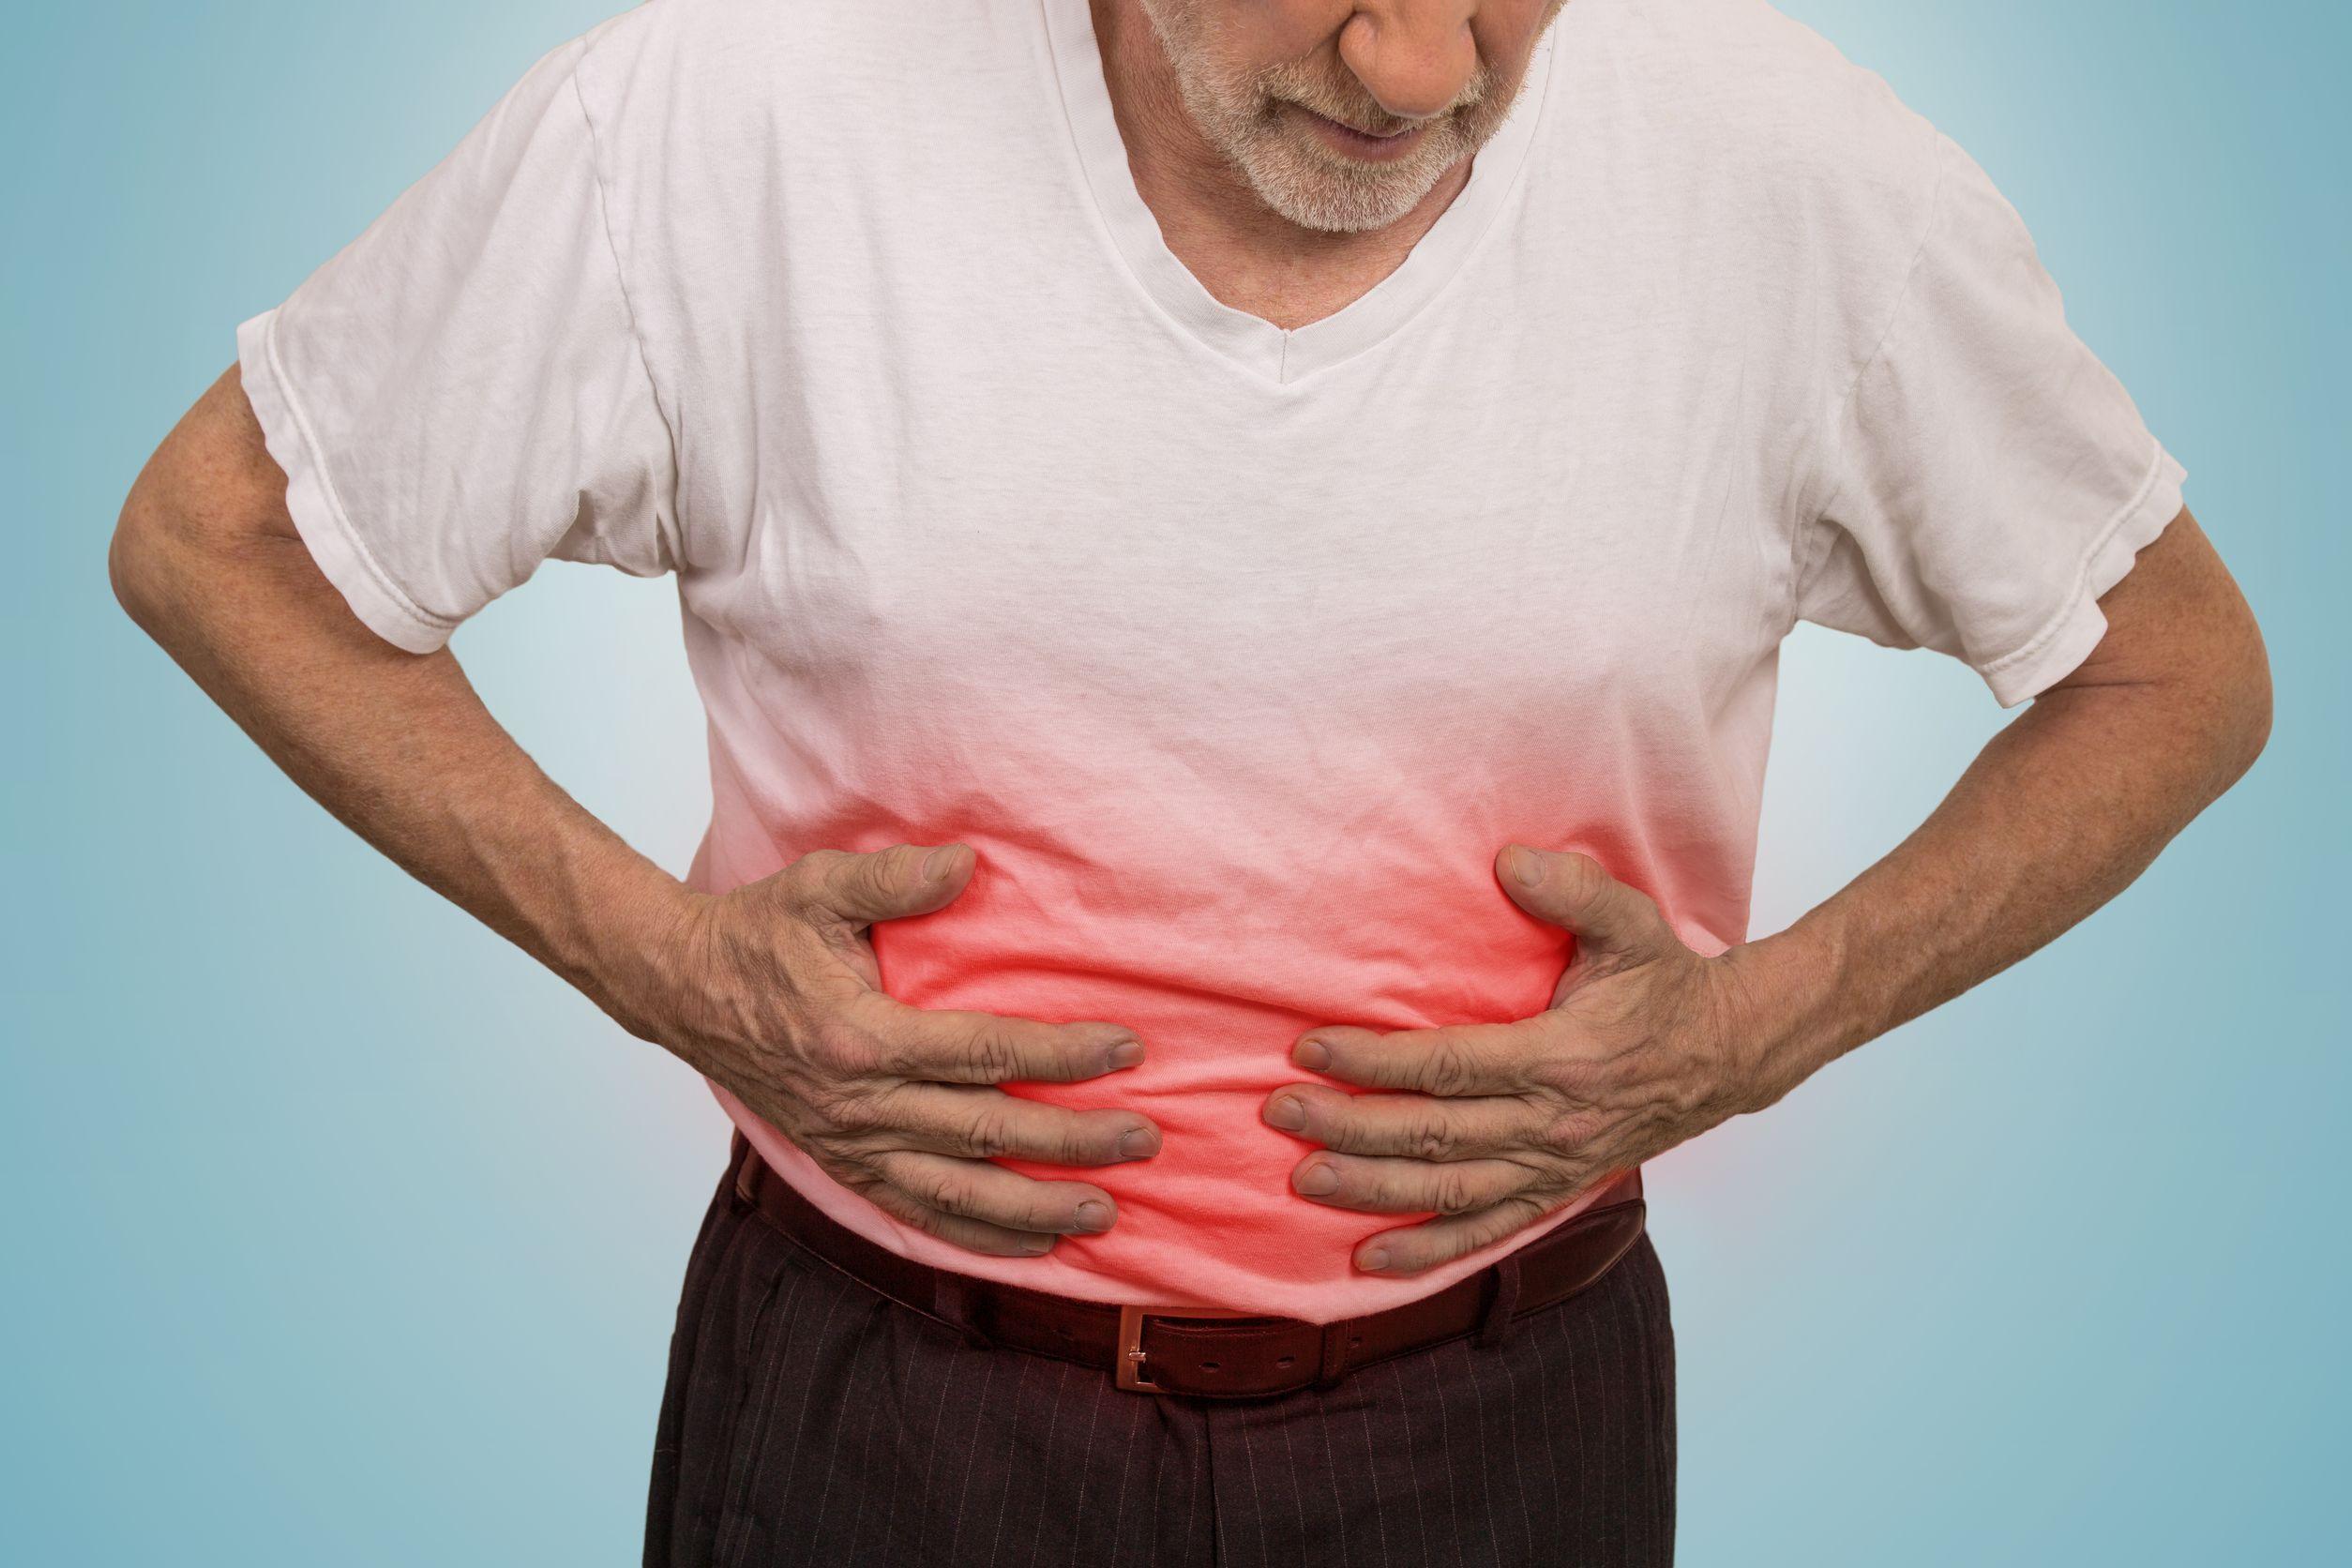 Вздутие живота и тяжесть после еды: причины и лечение